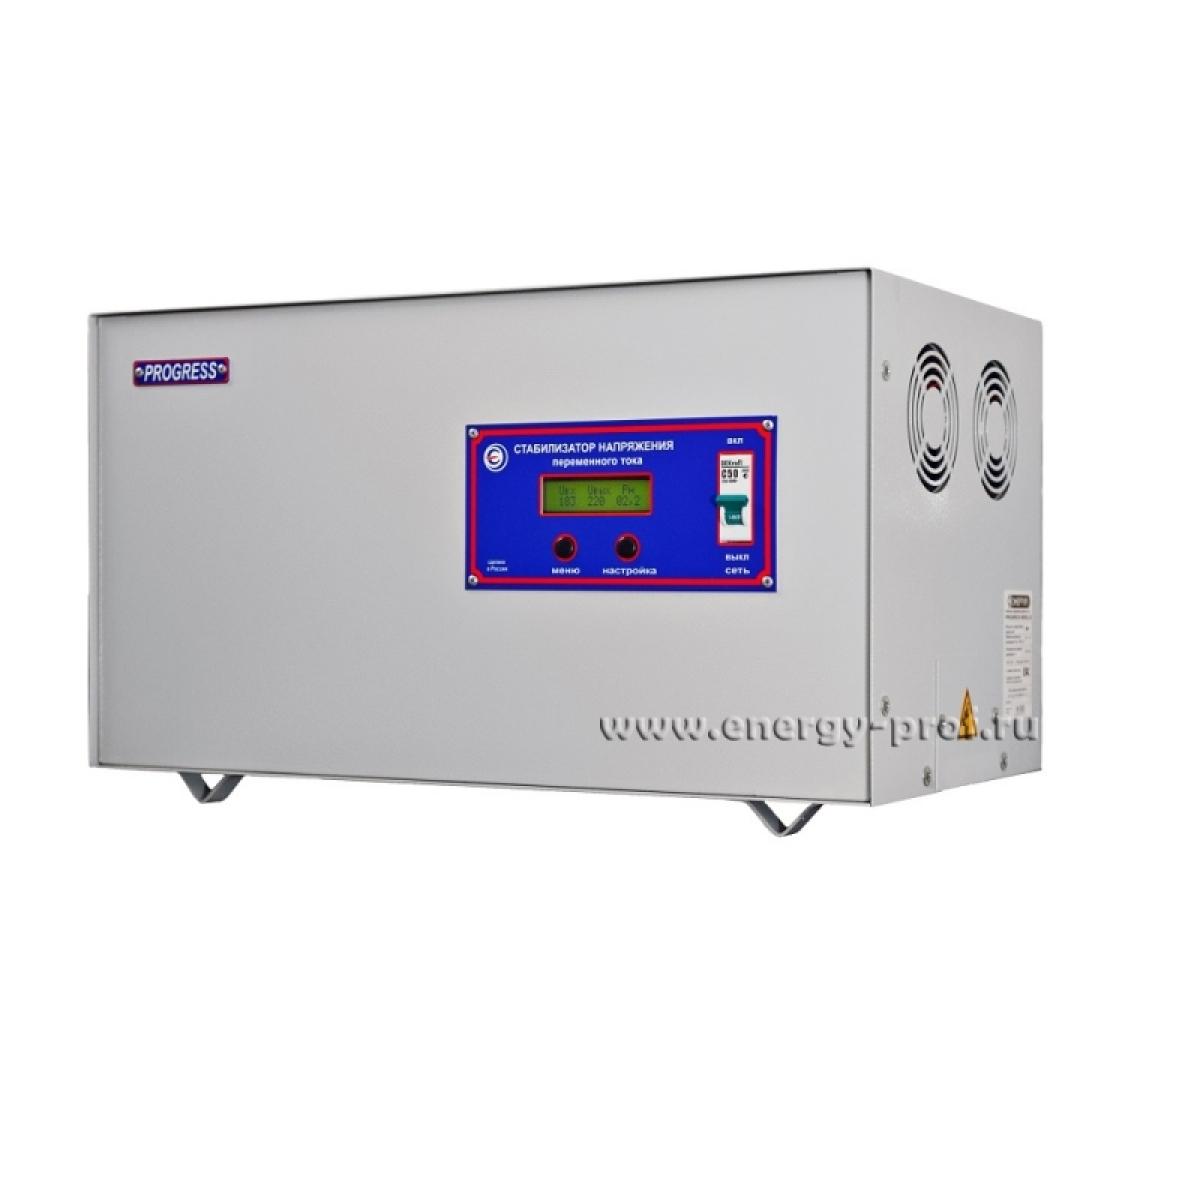 Однофазный стабилизатор PROGRESS 5000T